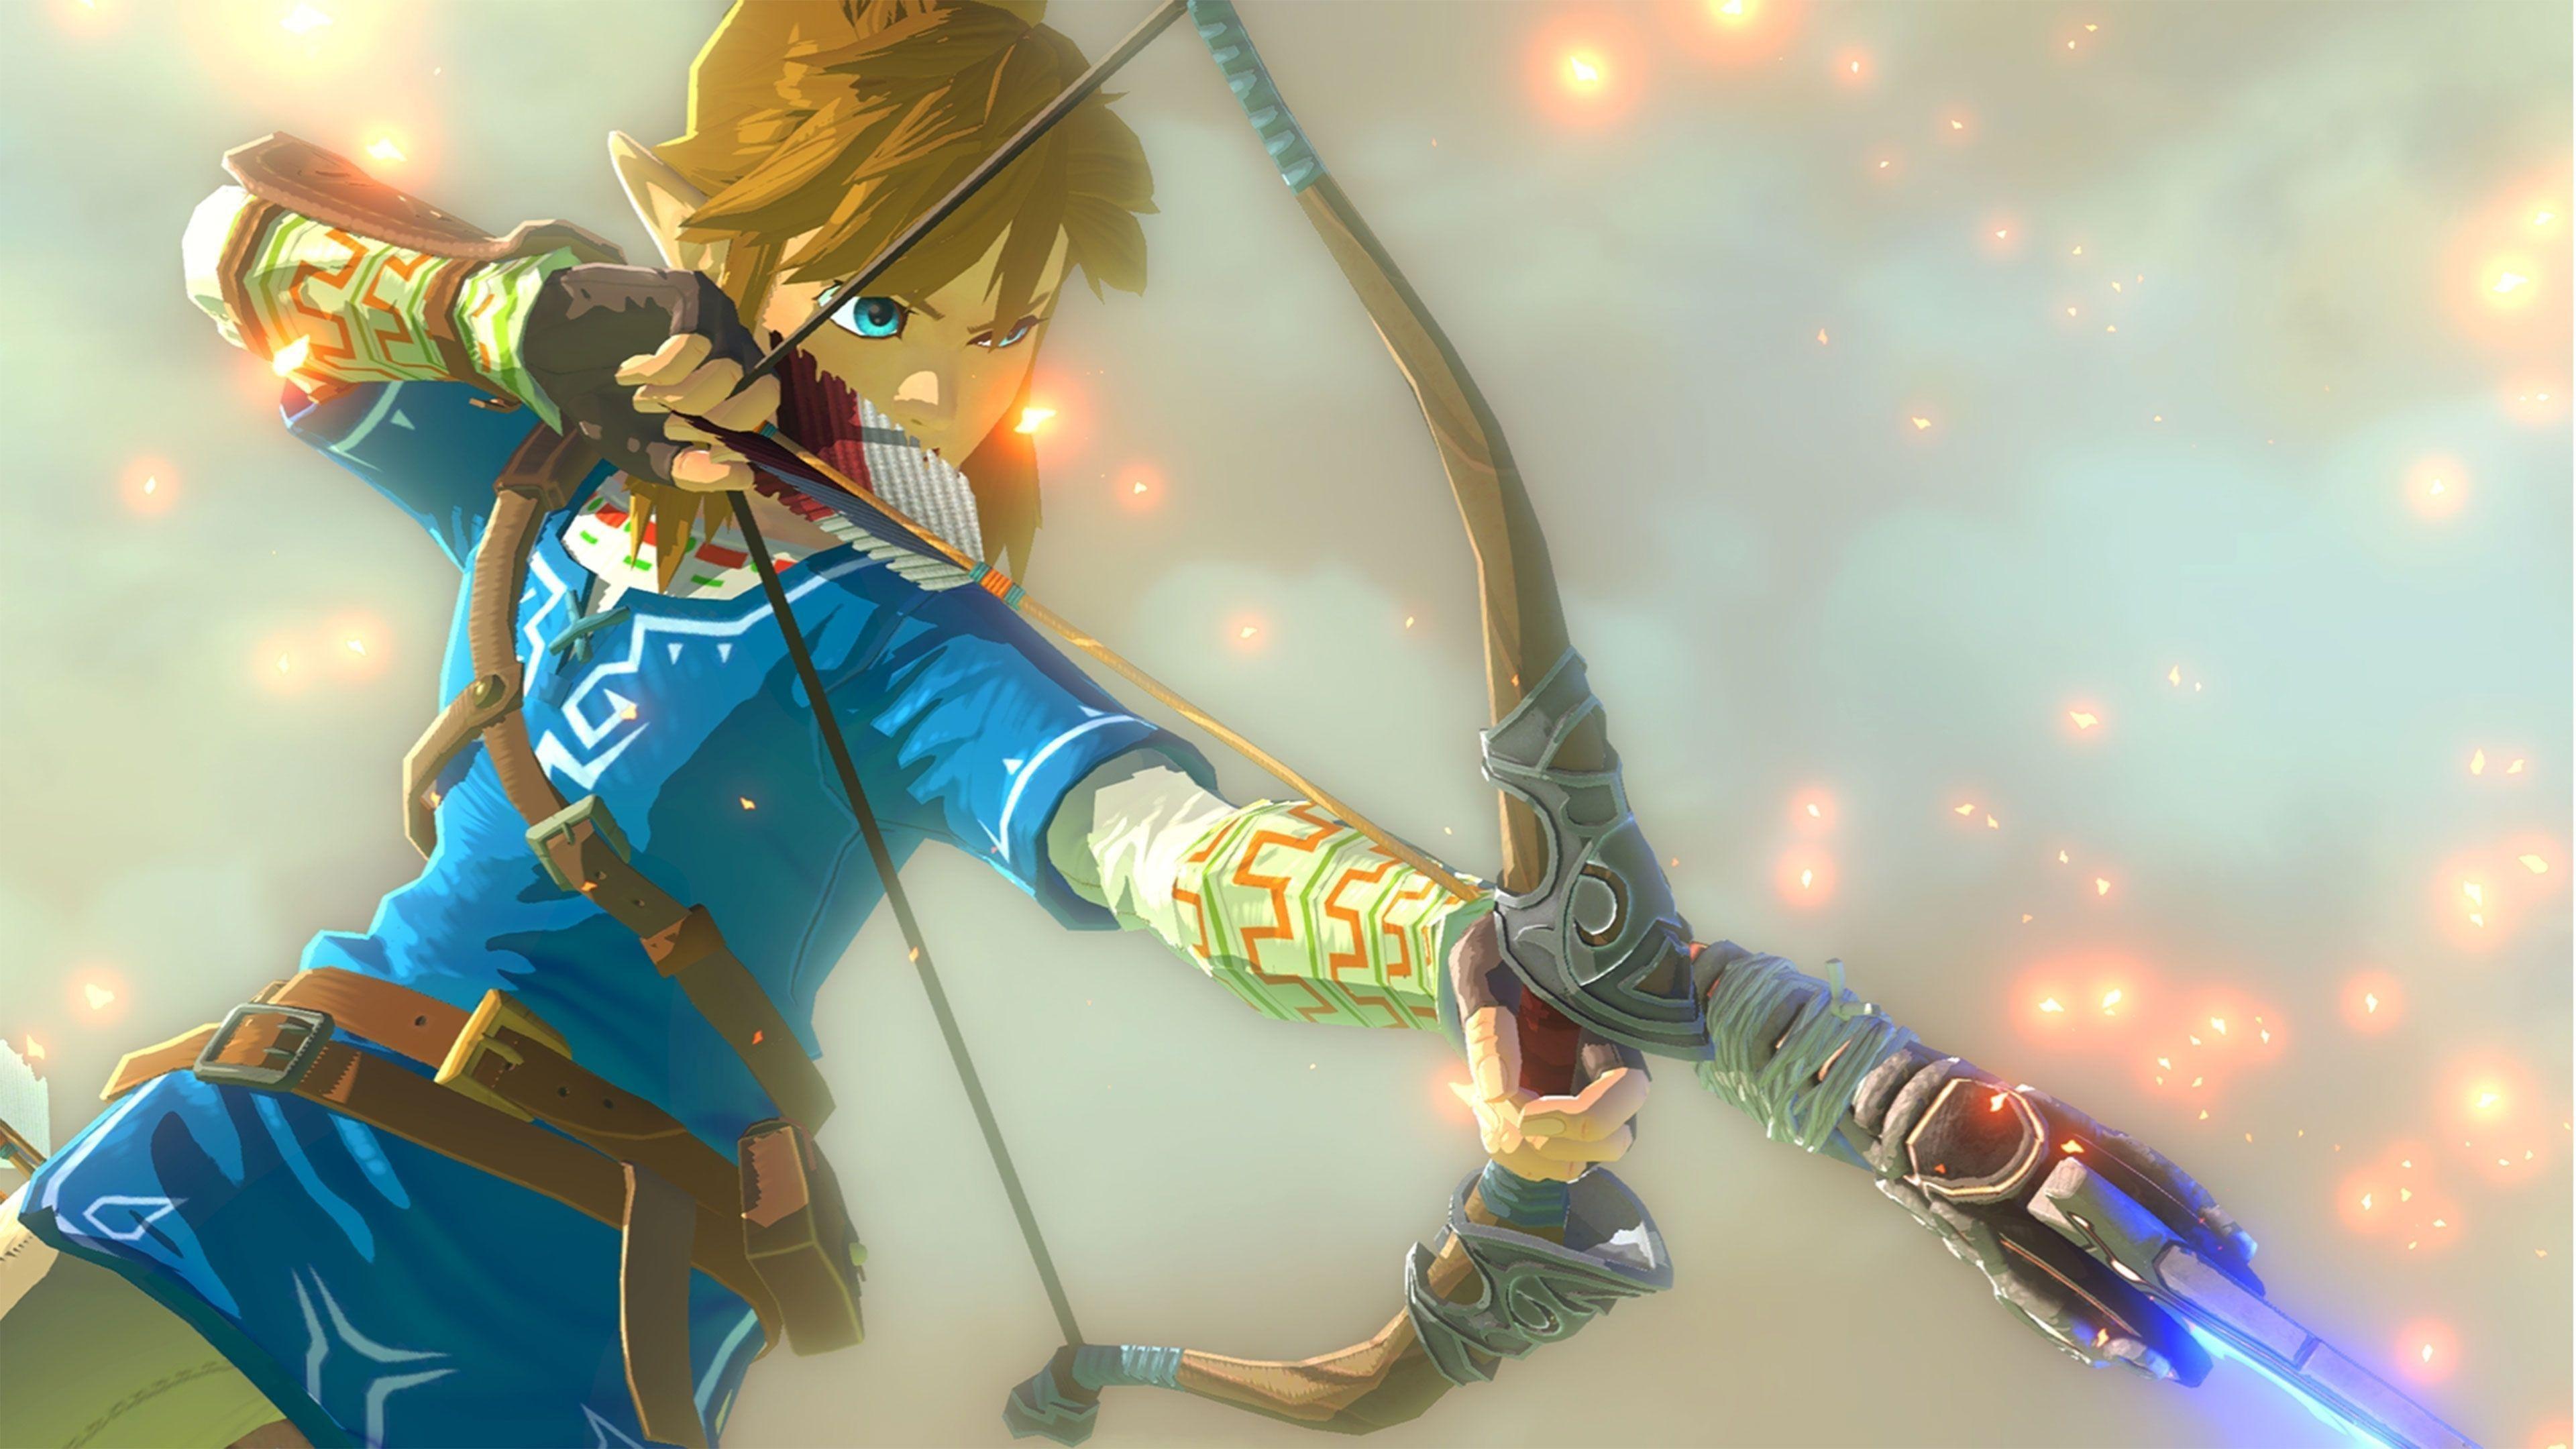 4K Zelda Wallpaper – WallpaperSafari